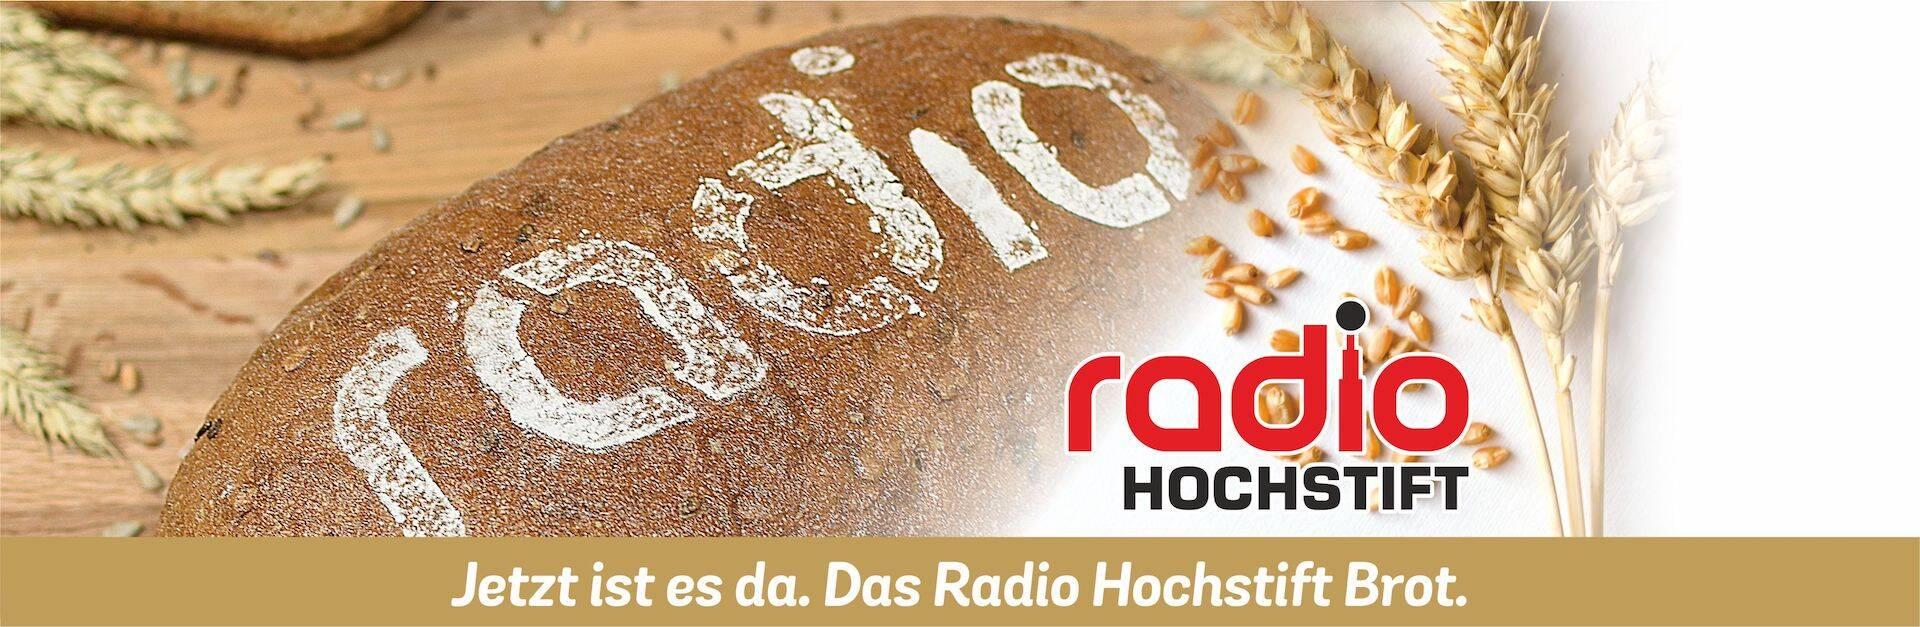 Radio Hochstift Brot von Goeken backen